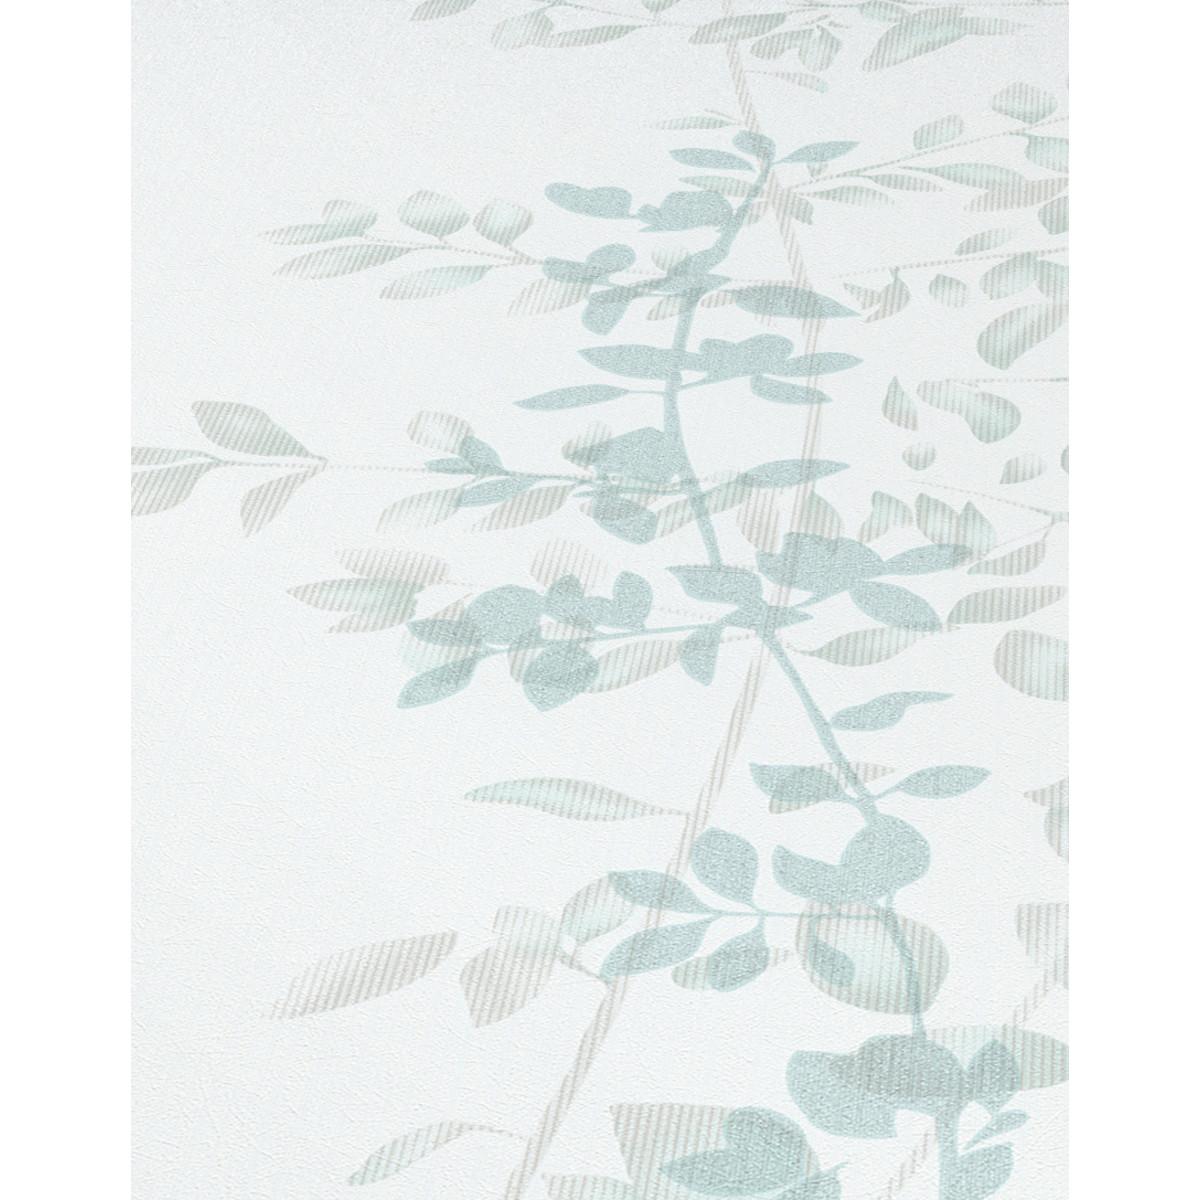 Обои флизелиновые Erismann зеленые 0.53 м 10047-18